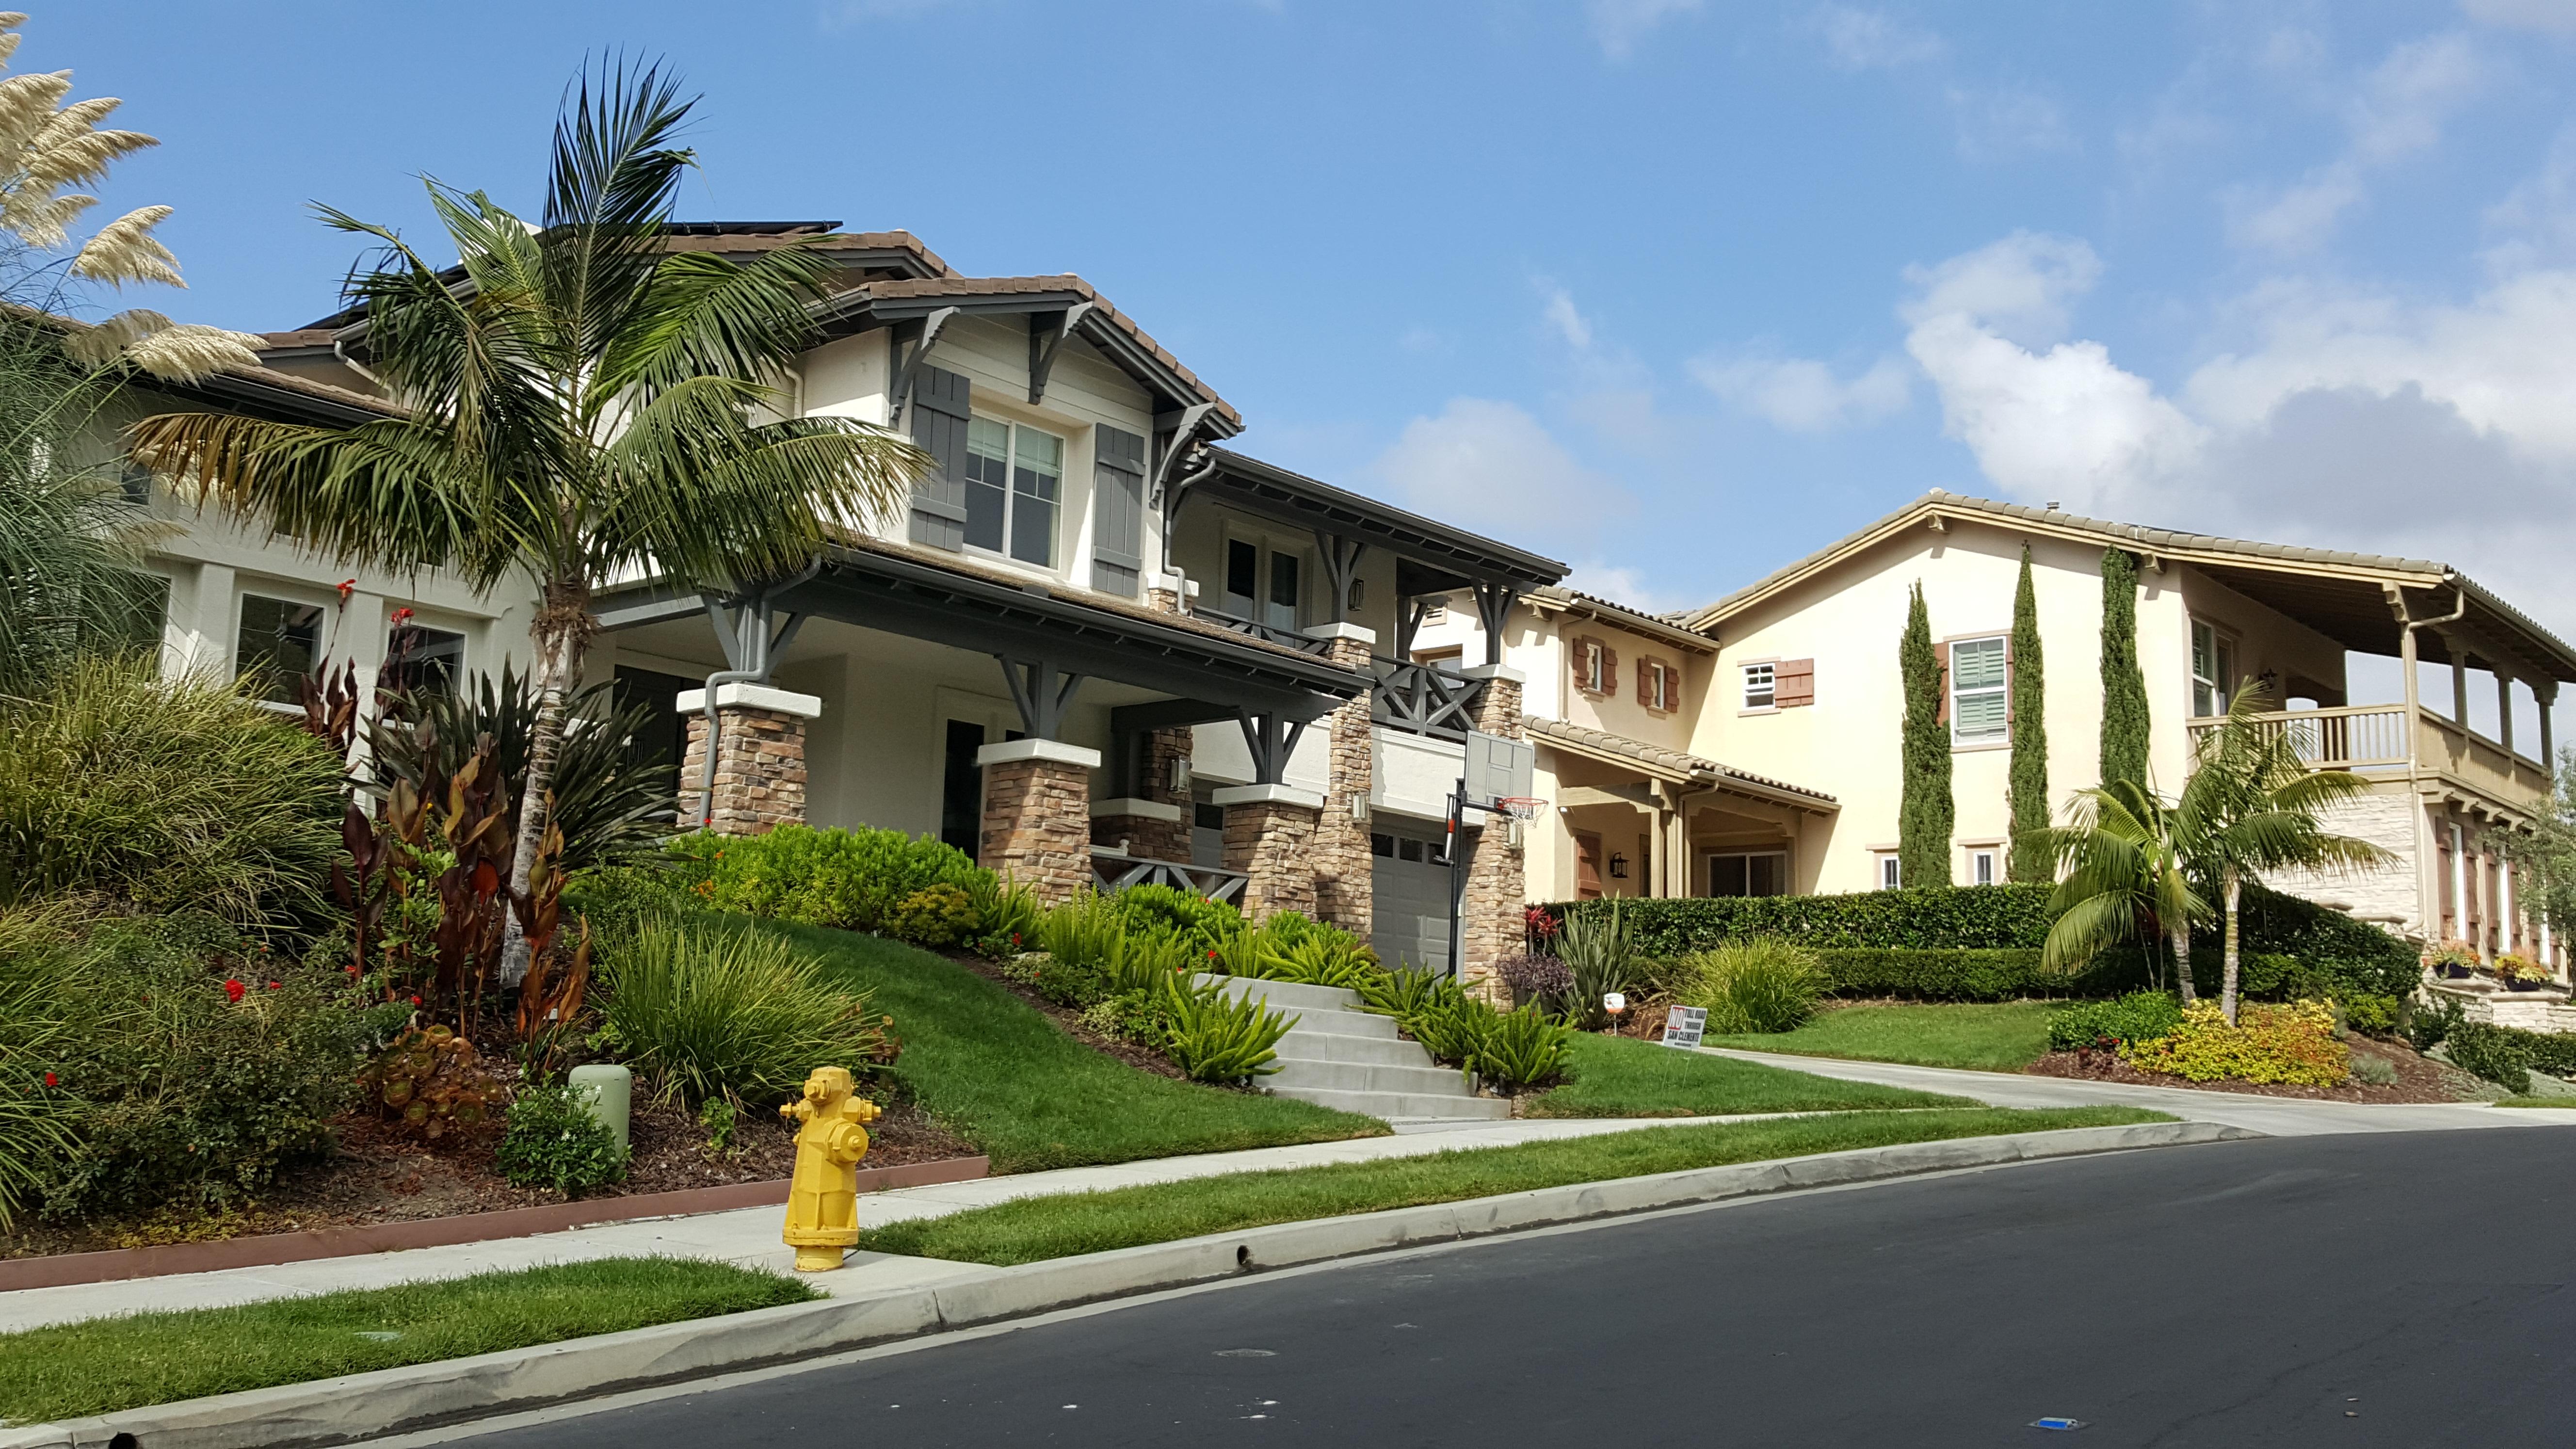 Neighborhood homes-3 10.04.17